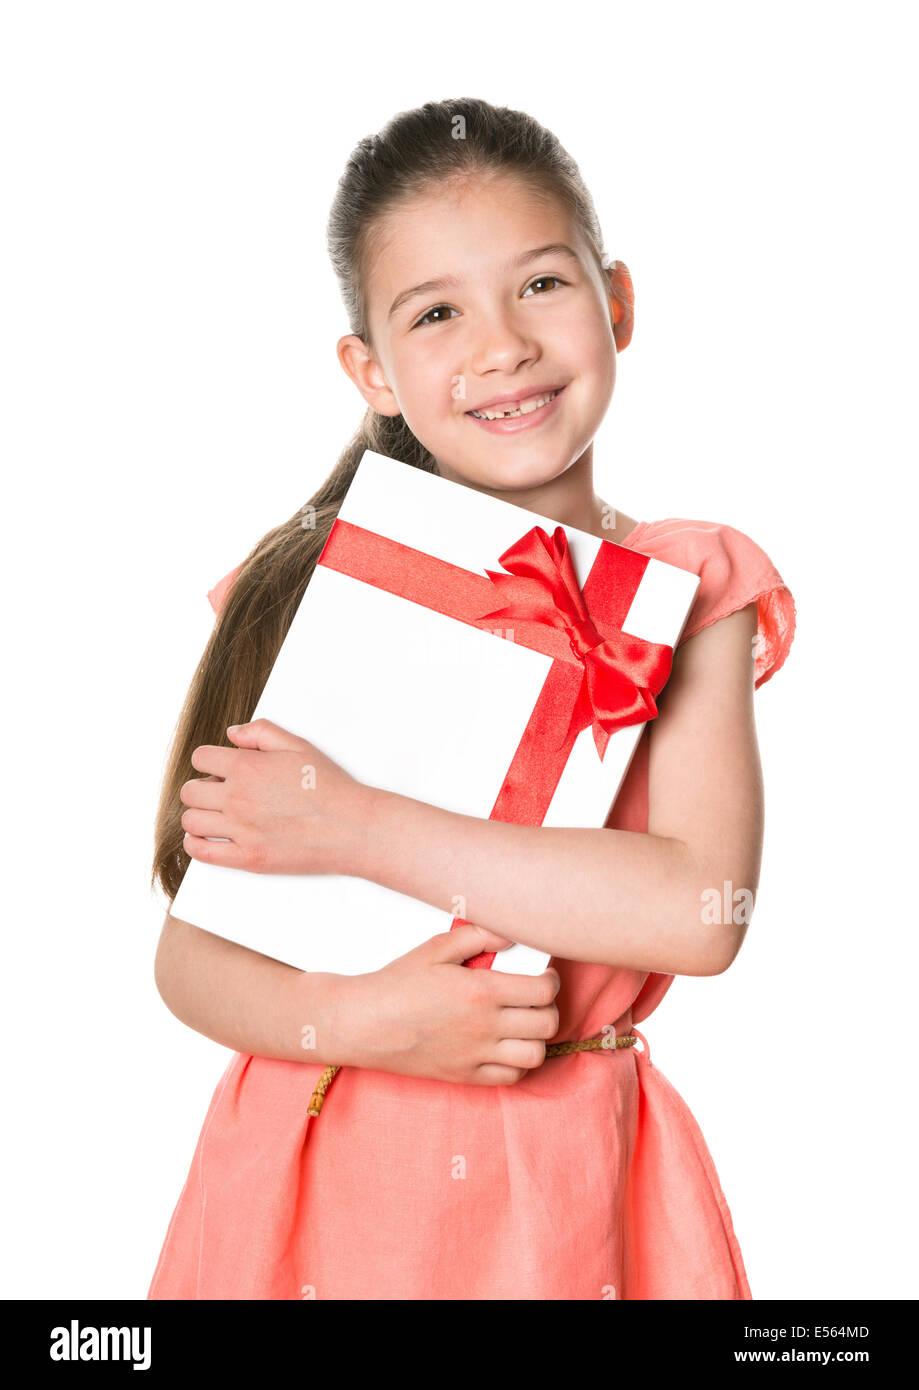 Smiling cute girl 8-9 ans tenant dans les mains de fête d'anniversaire. Isolé sur un fond blanc. Photo Stock